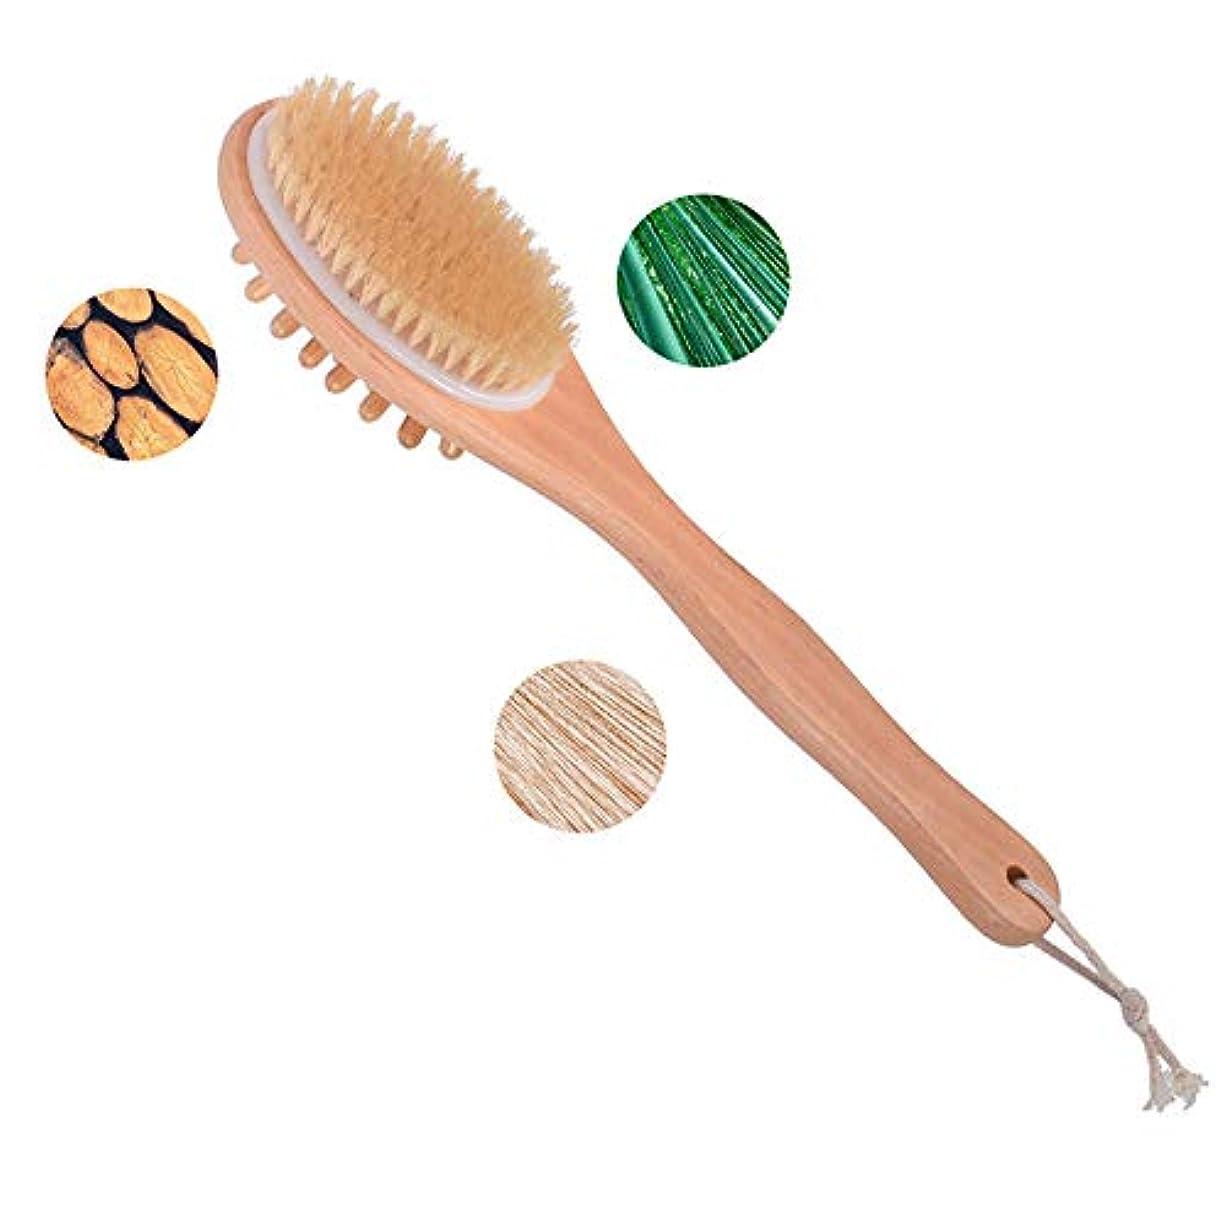 不適当クリーム改修するバスブロッサムタケバスボディーブラシエクストラロングハンドル角質除去バックスクラバー効果的なバックブラシ剥離と肌セルライトブラシ